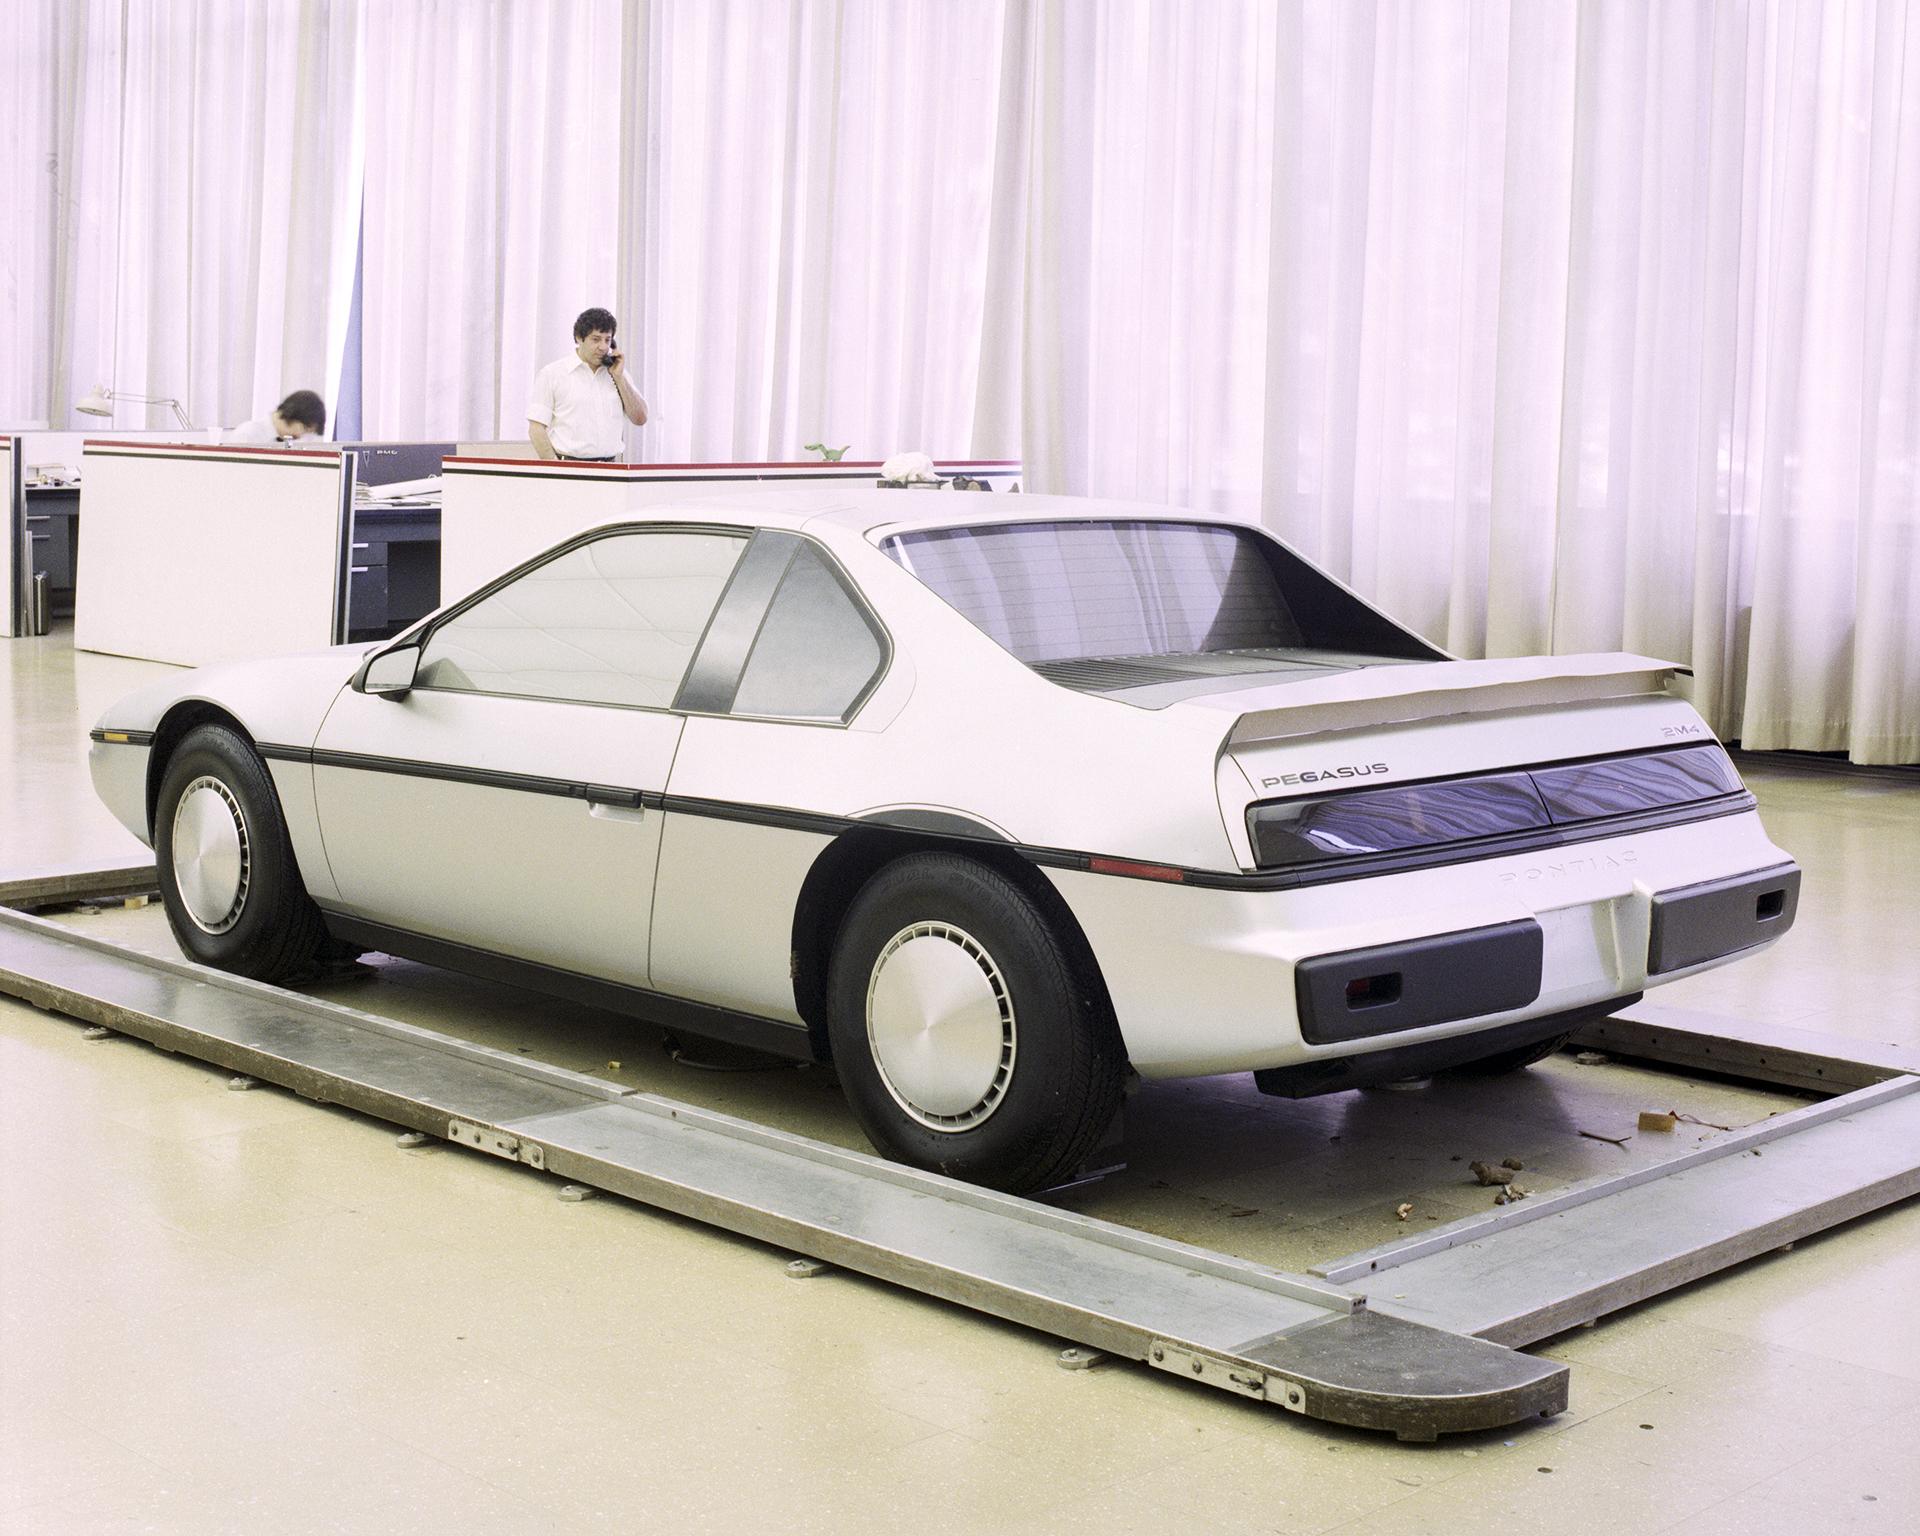 1983 Pontiac Fiero P-Body Clay Model Fiero